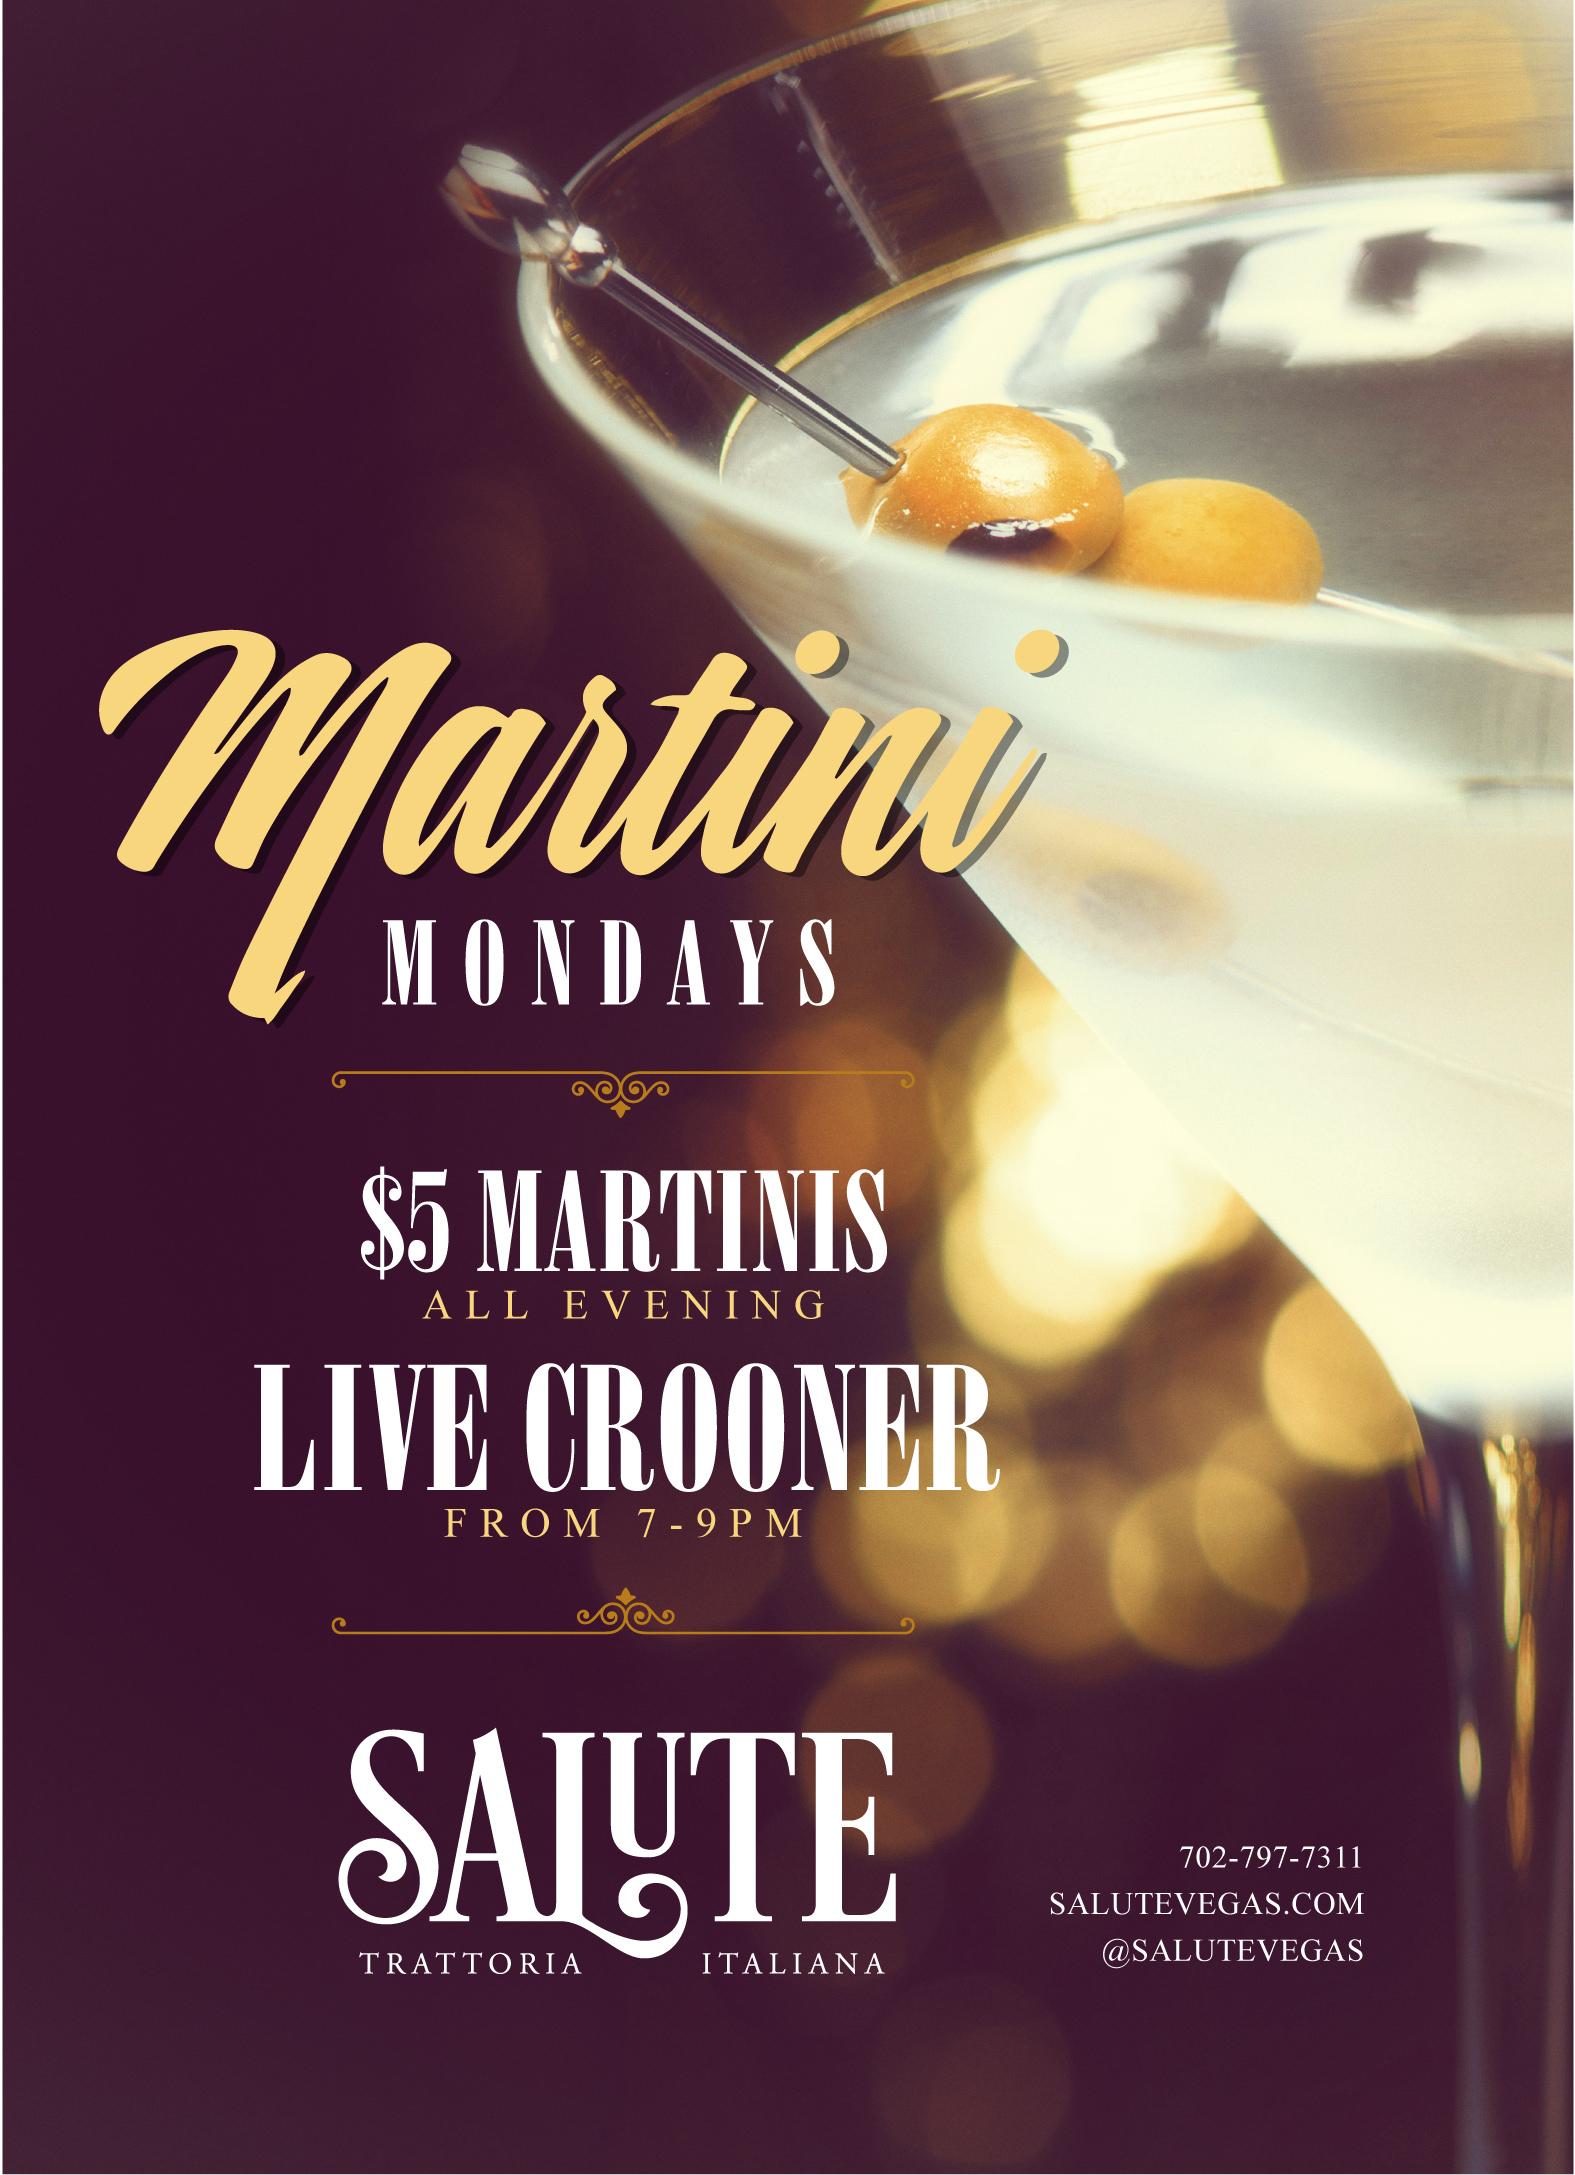 Salute-MartiniMonday-5x7-01